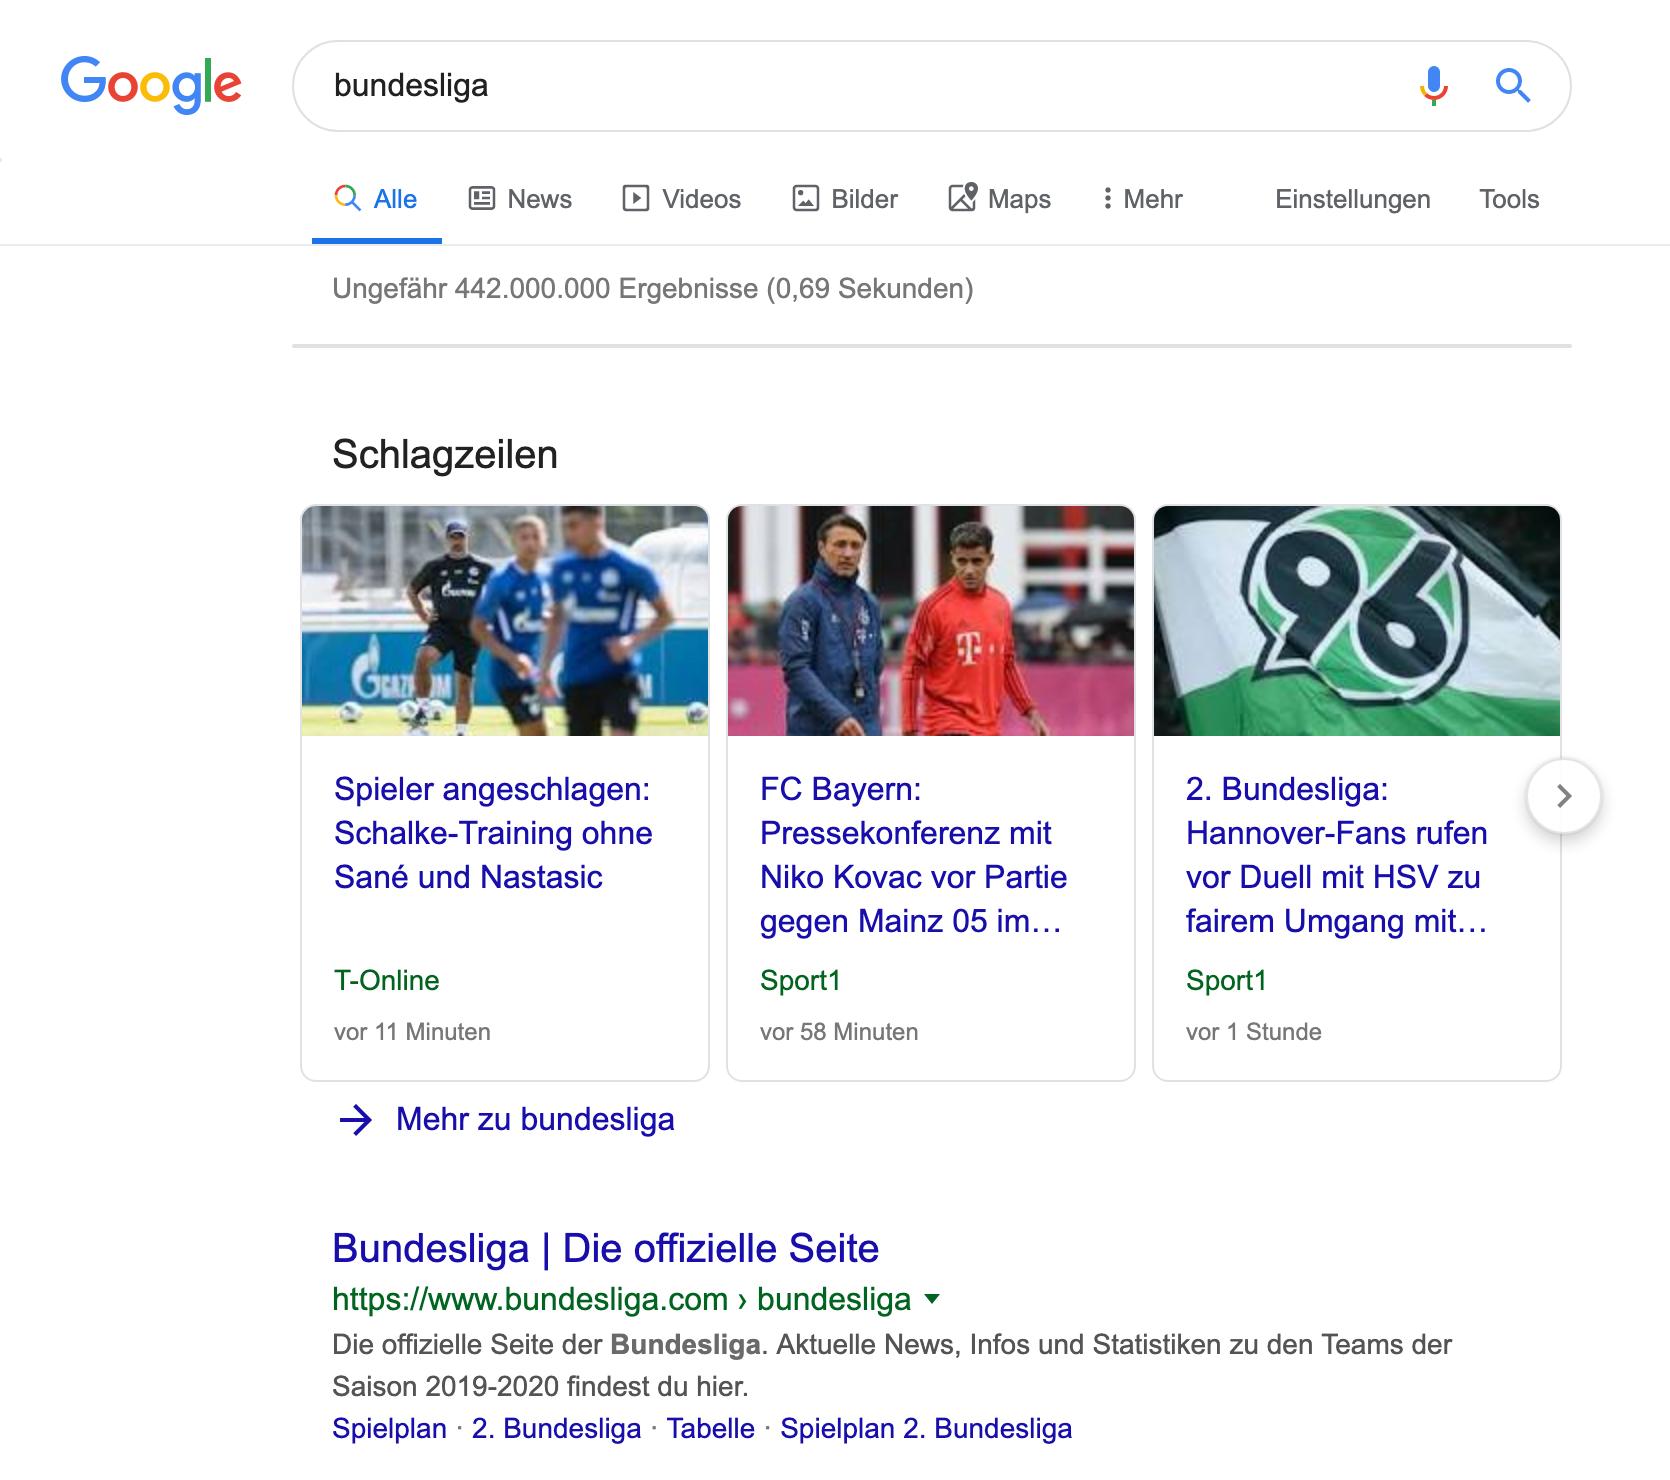 """Bild einer Goolge-Desktop-Suche nach """"Bundesliga"""". Das erste organische Ergebnis ist die """"Schlagzeilen"""" Box mit drei News-Beiträgen."""